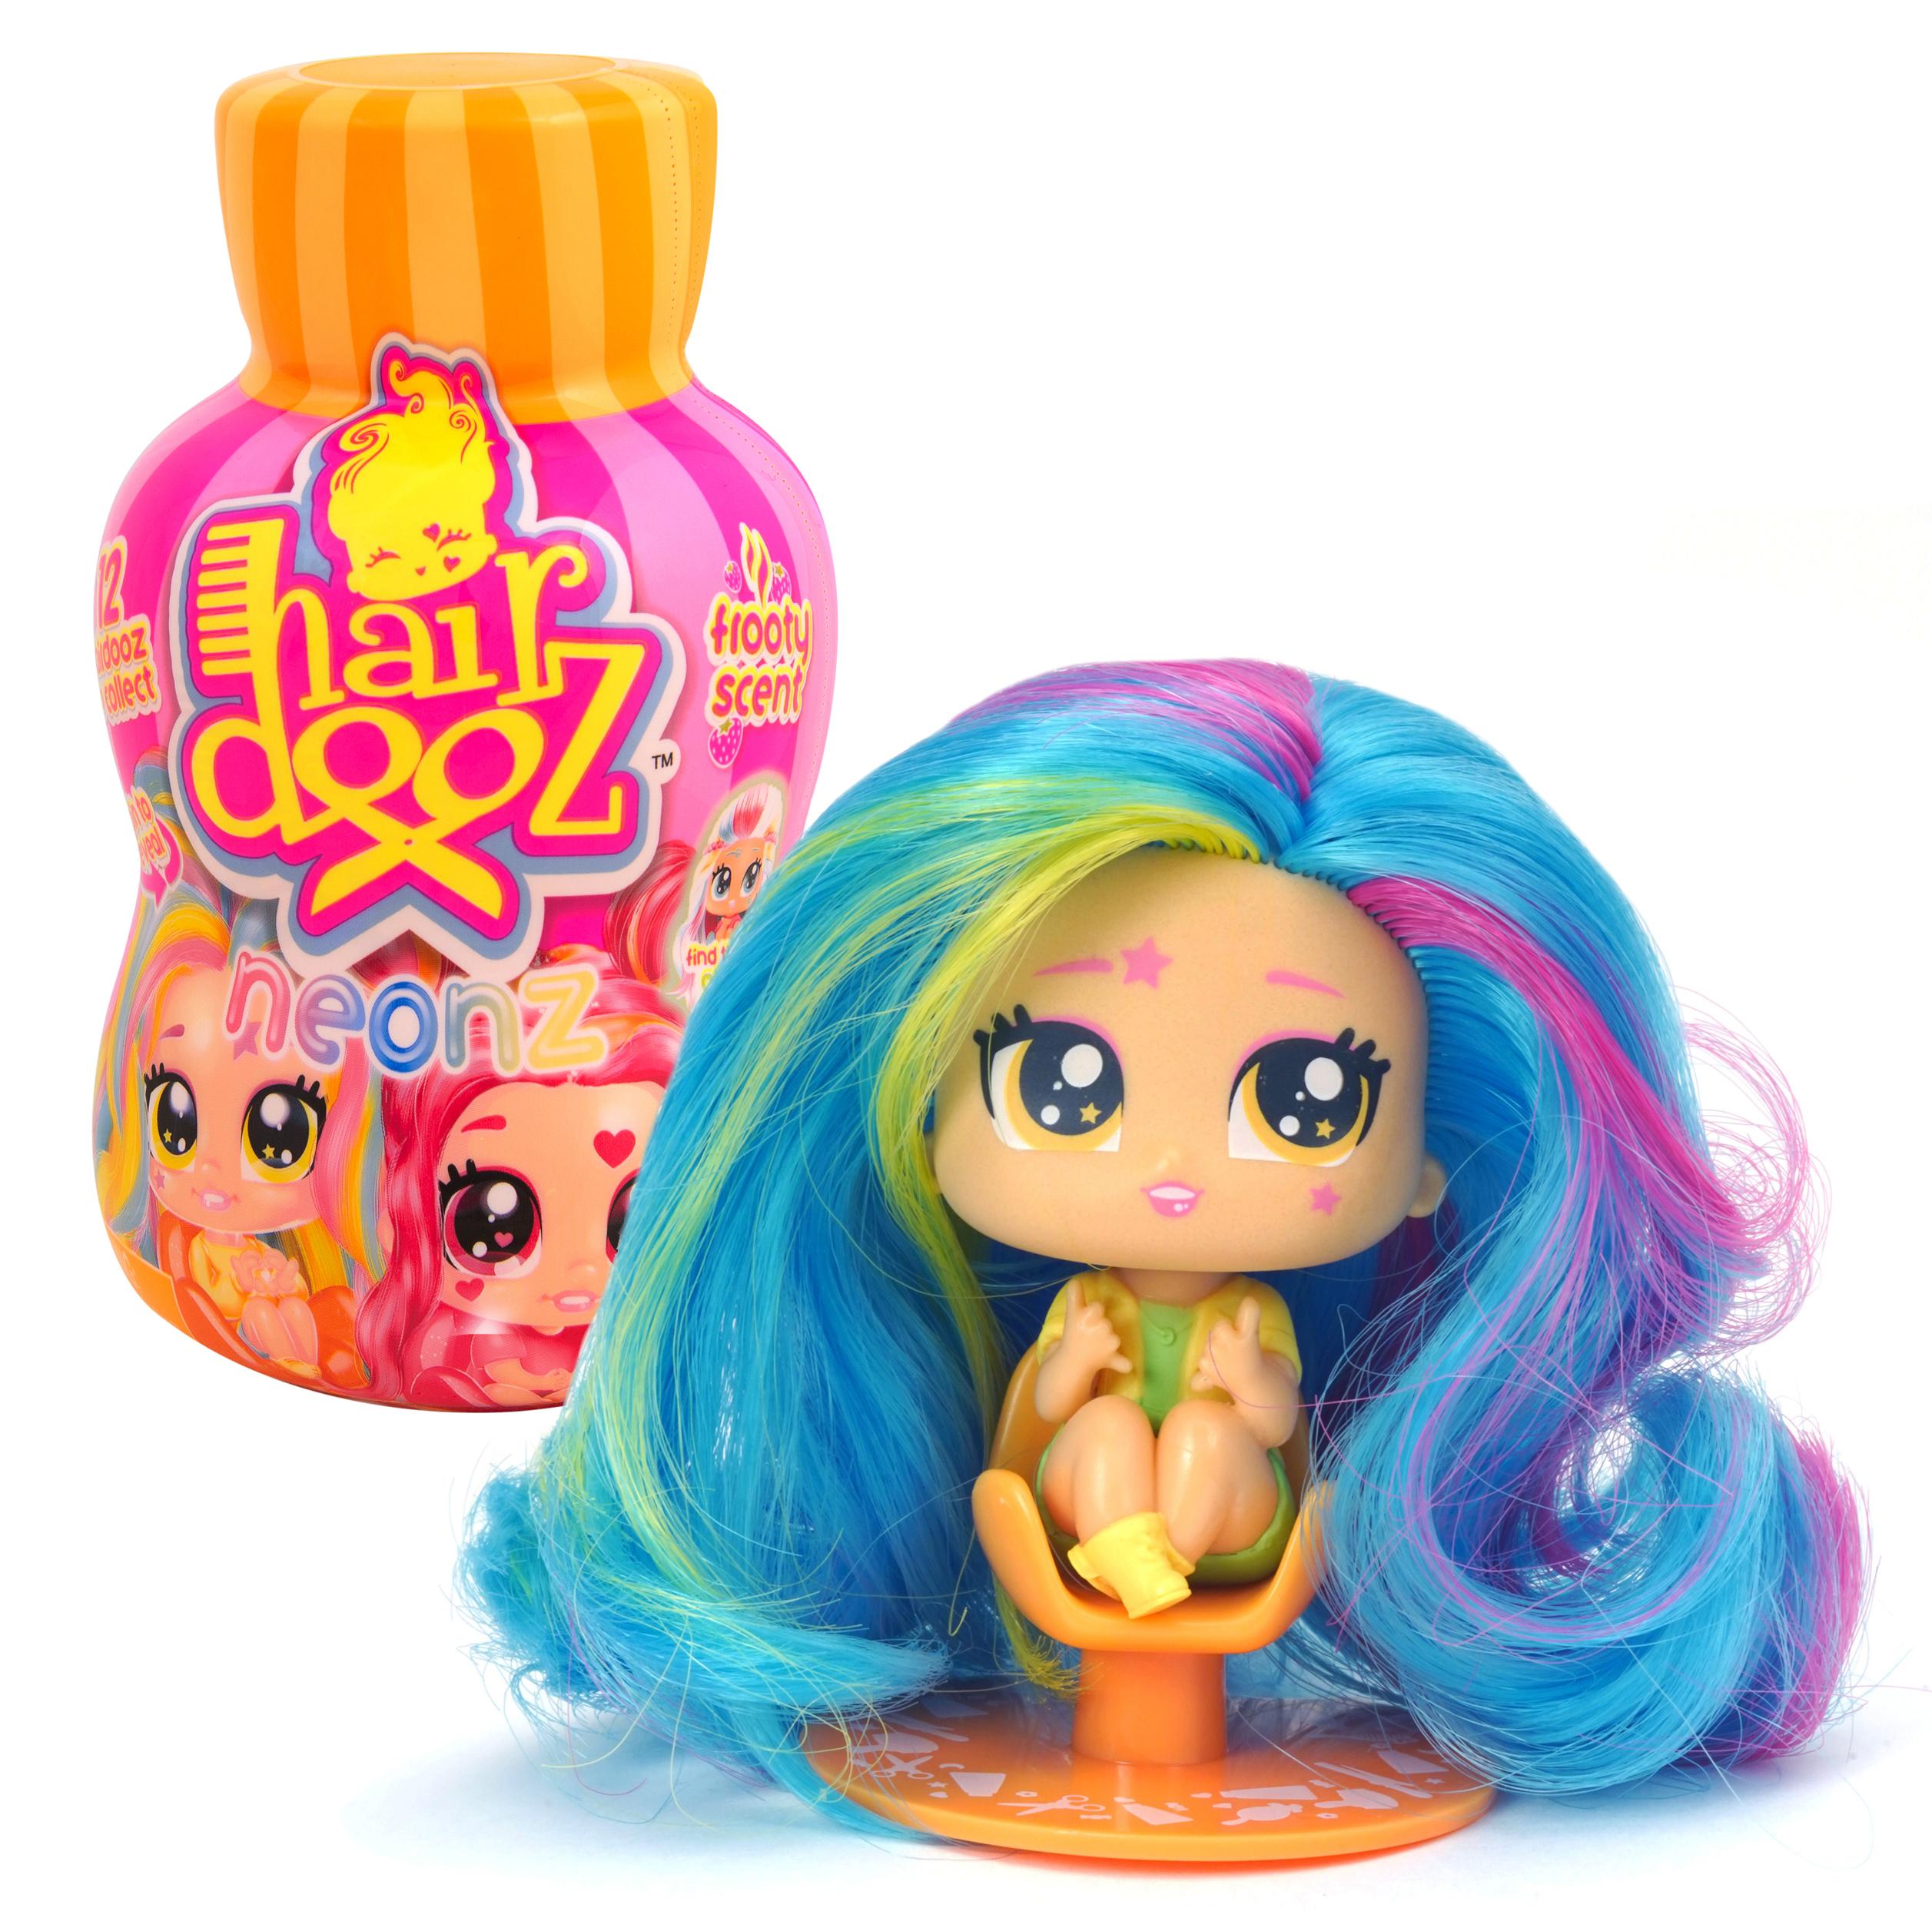 Купить Hairdooz 37305 Хэардуз Игровой набор Куколка Неон в парикмахерской с аксессуарами (в ассортименте), Игровые наборы и фигурки для детей Hairdooz